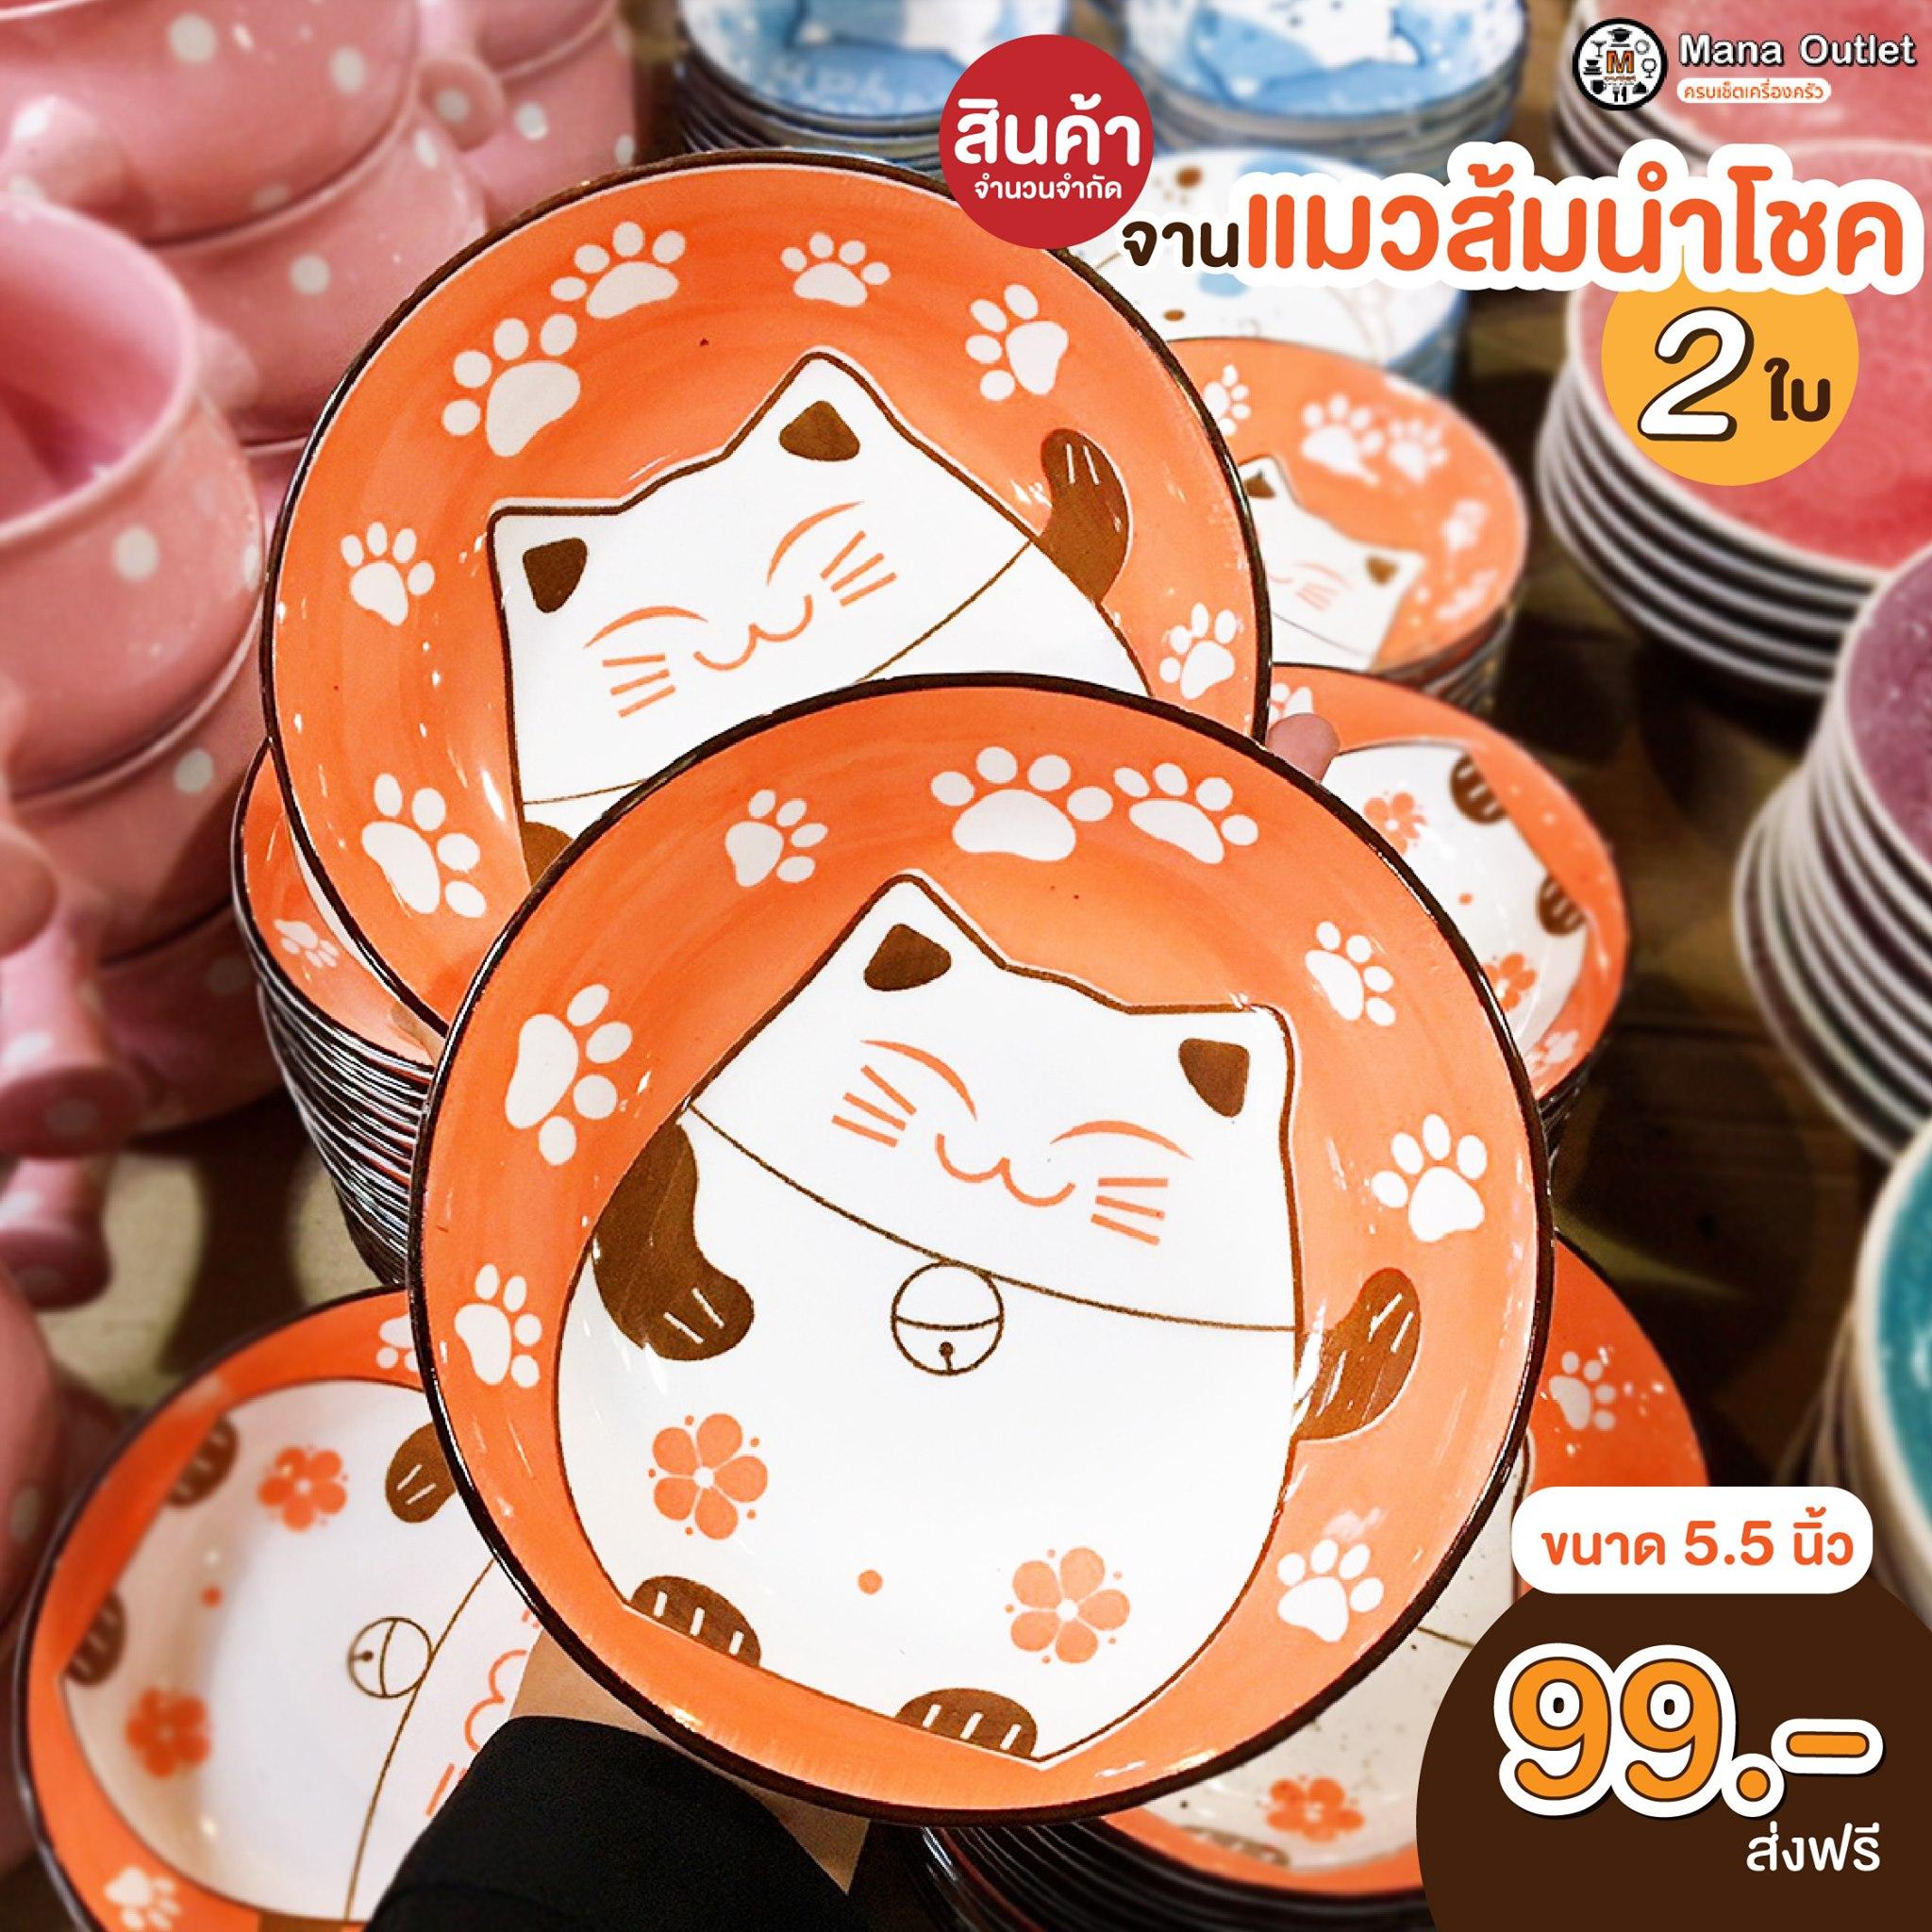 จานแมวส้มนำโชค 2ใบ 5.5นิ้ว 99บาท